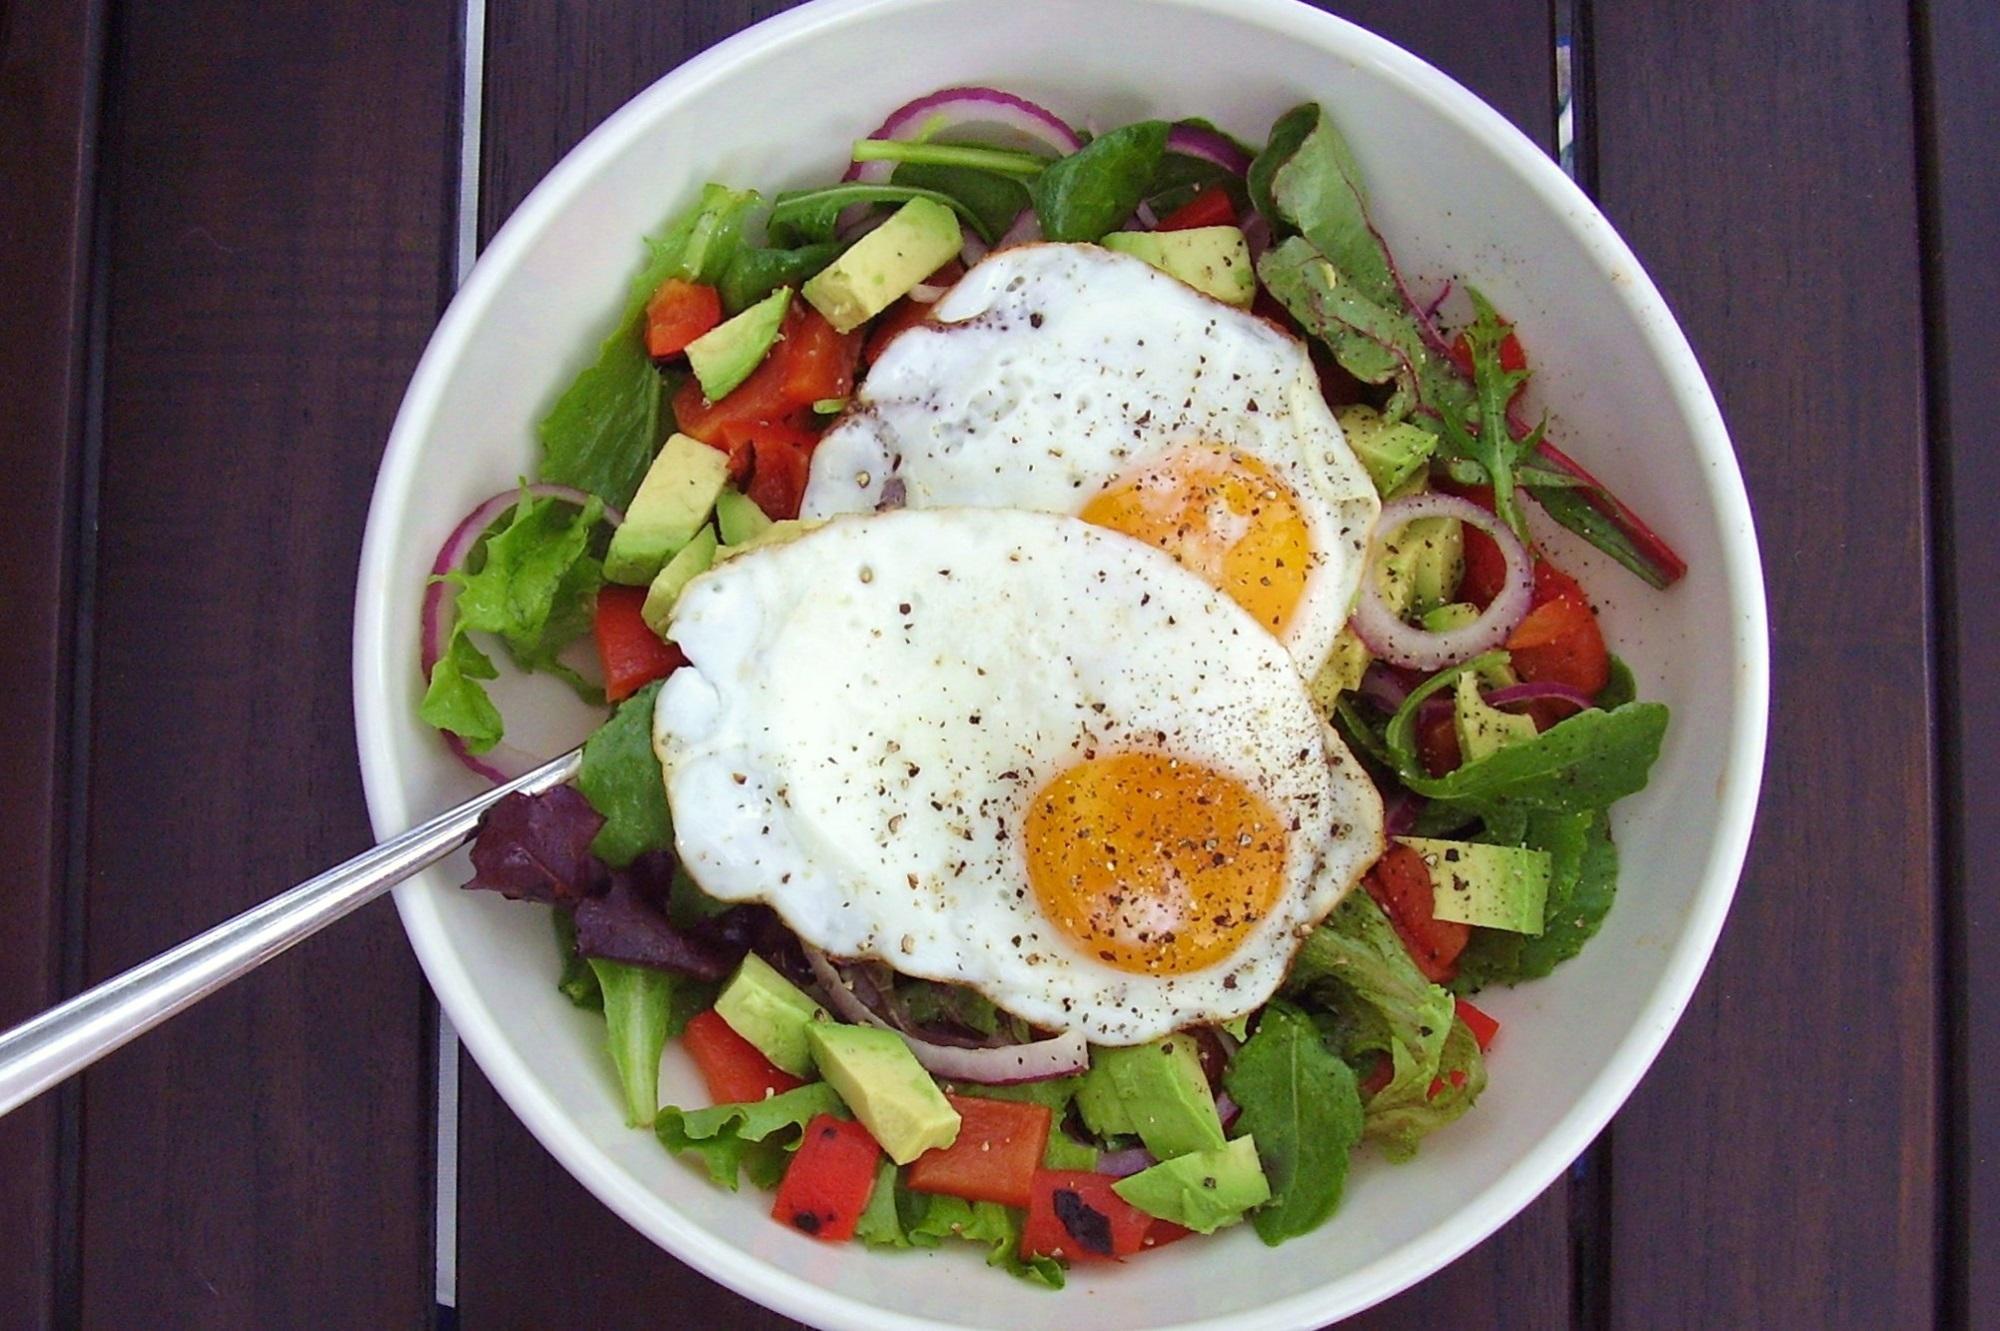 Giảm béo mà vẫn được ăn ngon nhờ thực đơn giảm cân với salad ăn mãi không ngán này - Ảnh 1